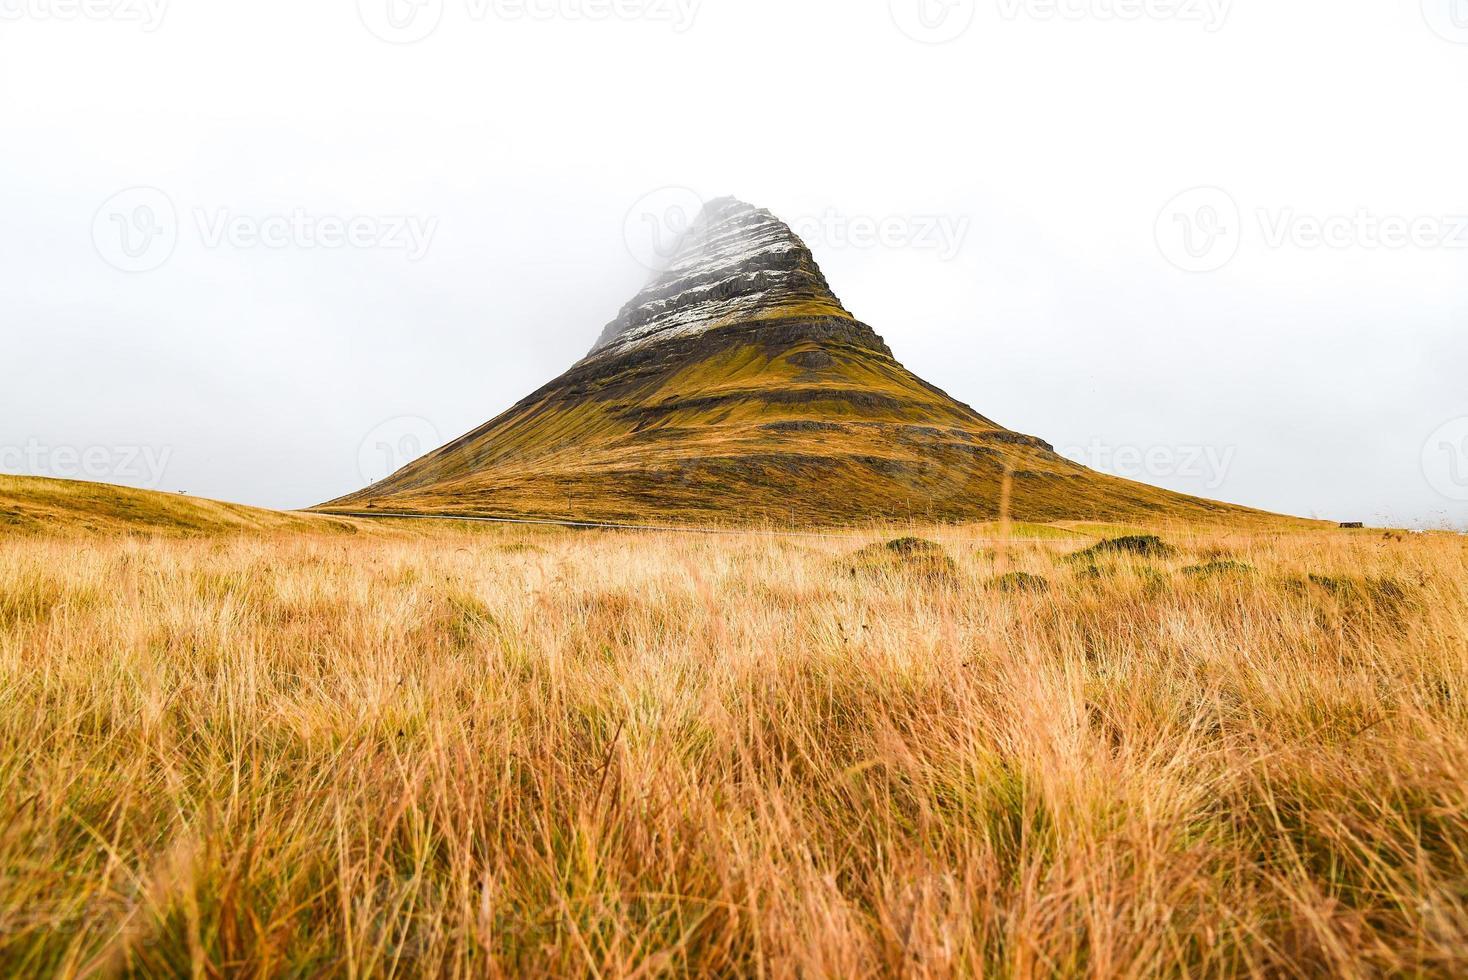 montagna kirkjufell, punto di riferimento naturale dell'islanda foto